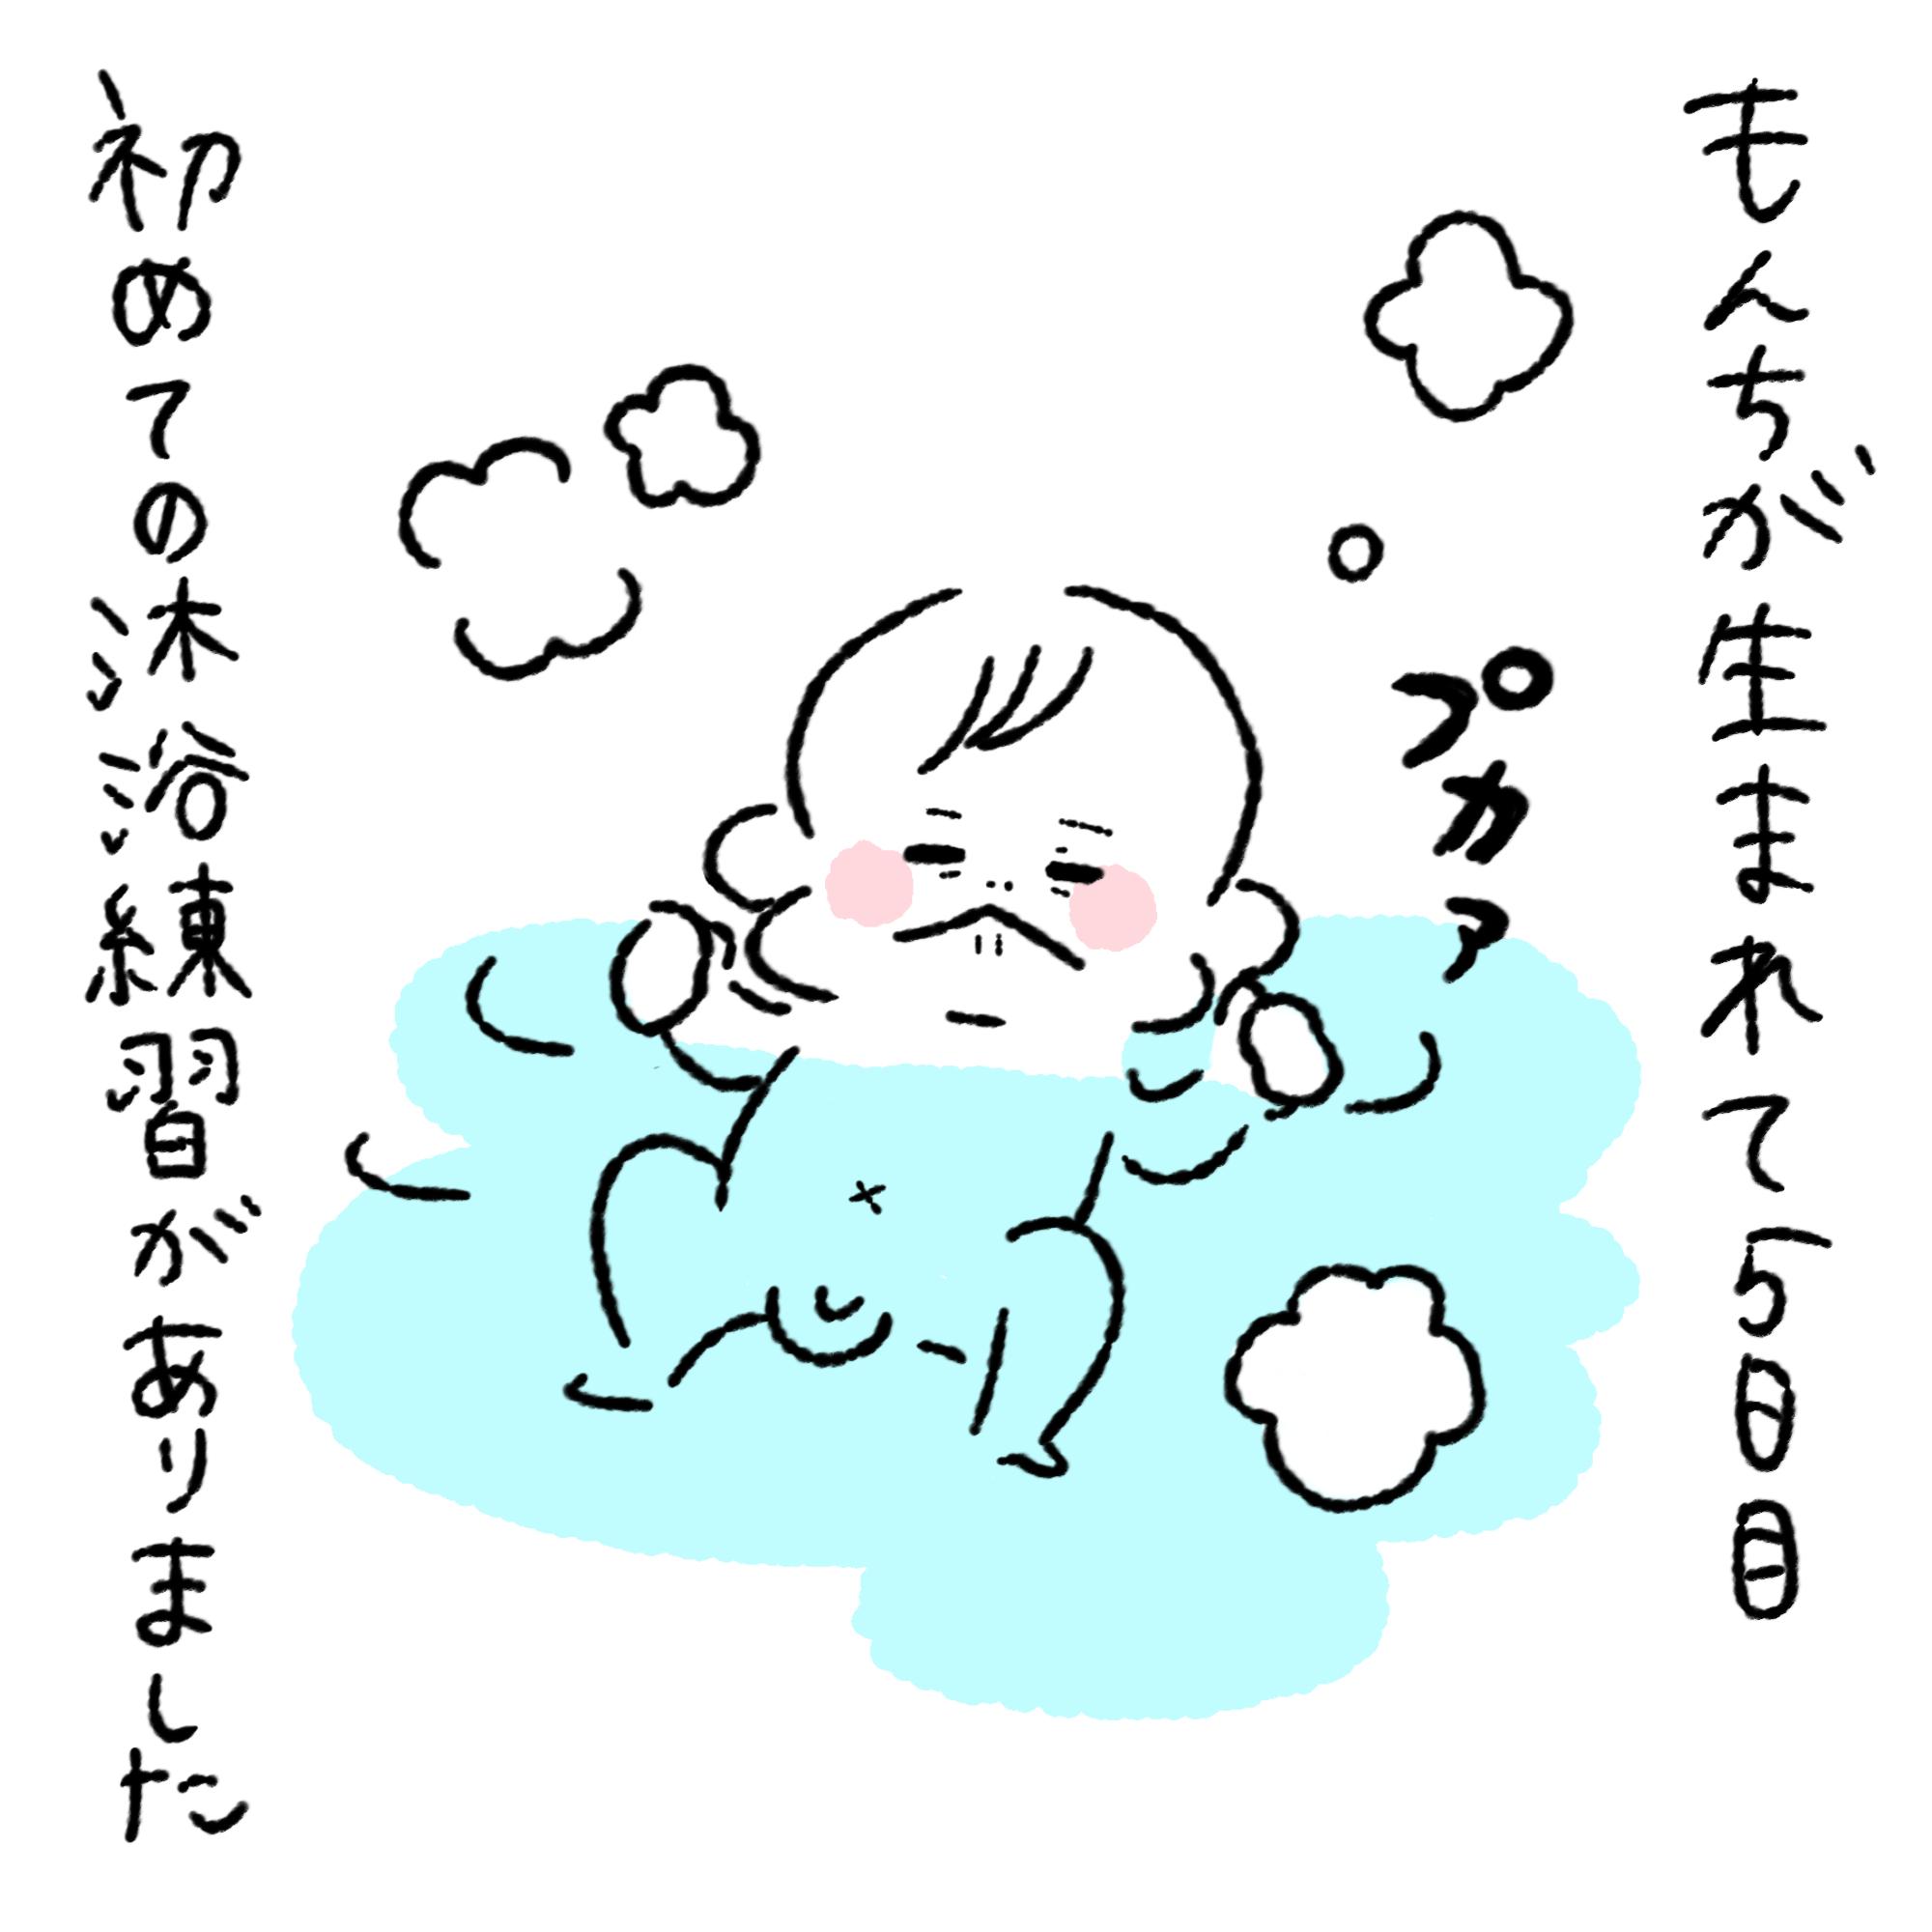 生まれて初めての沐浴|にこにこオムライス家族#1